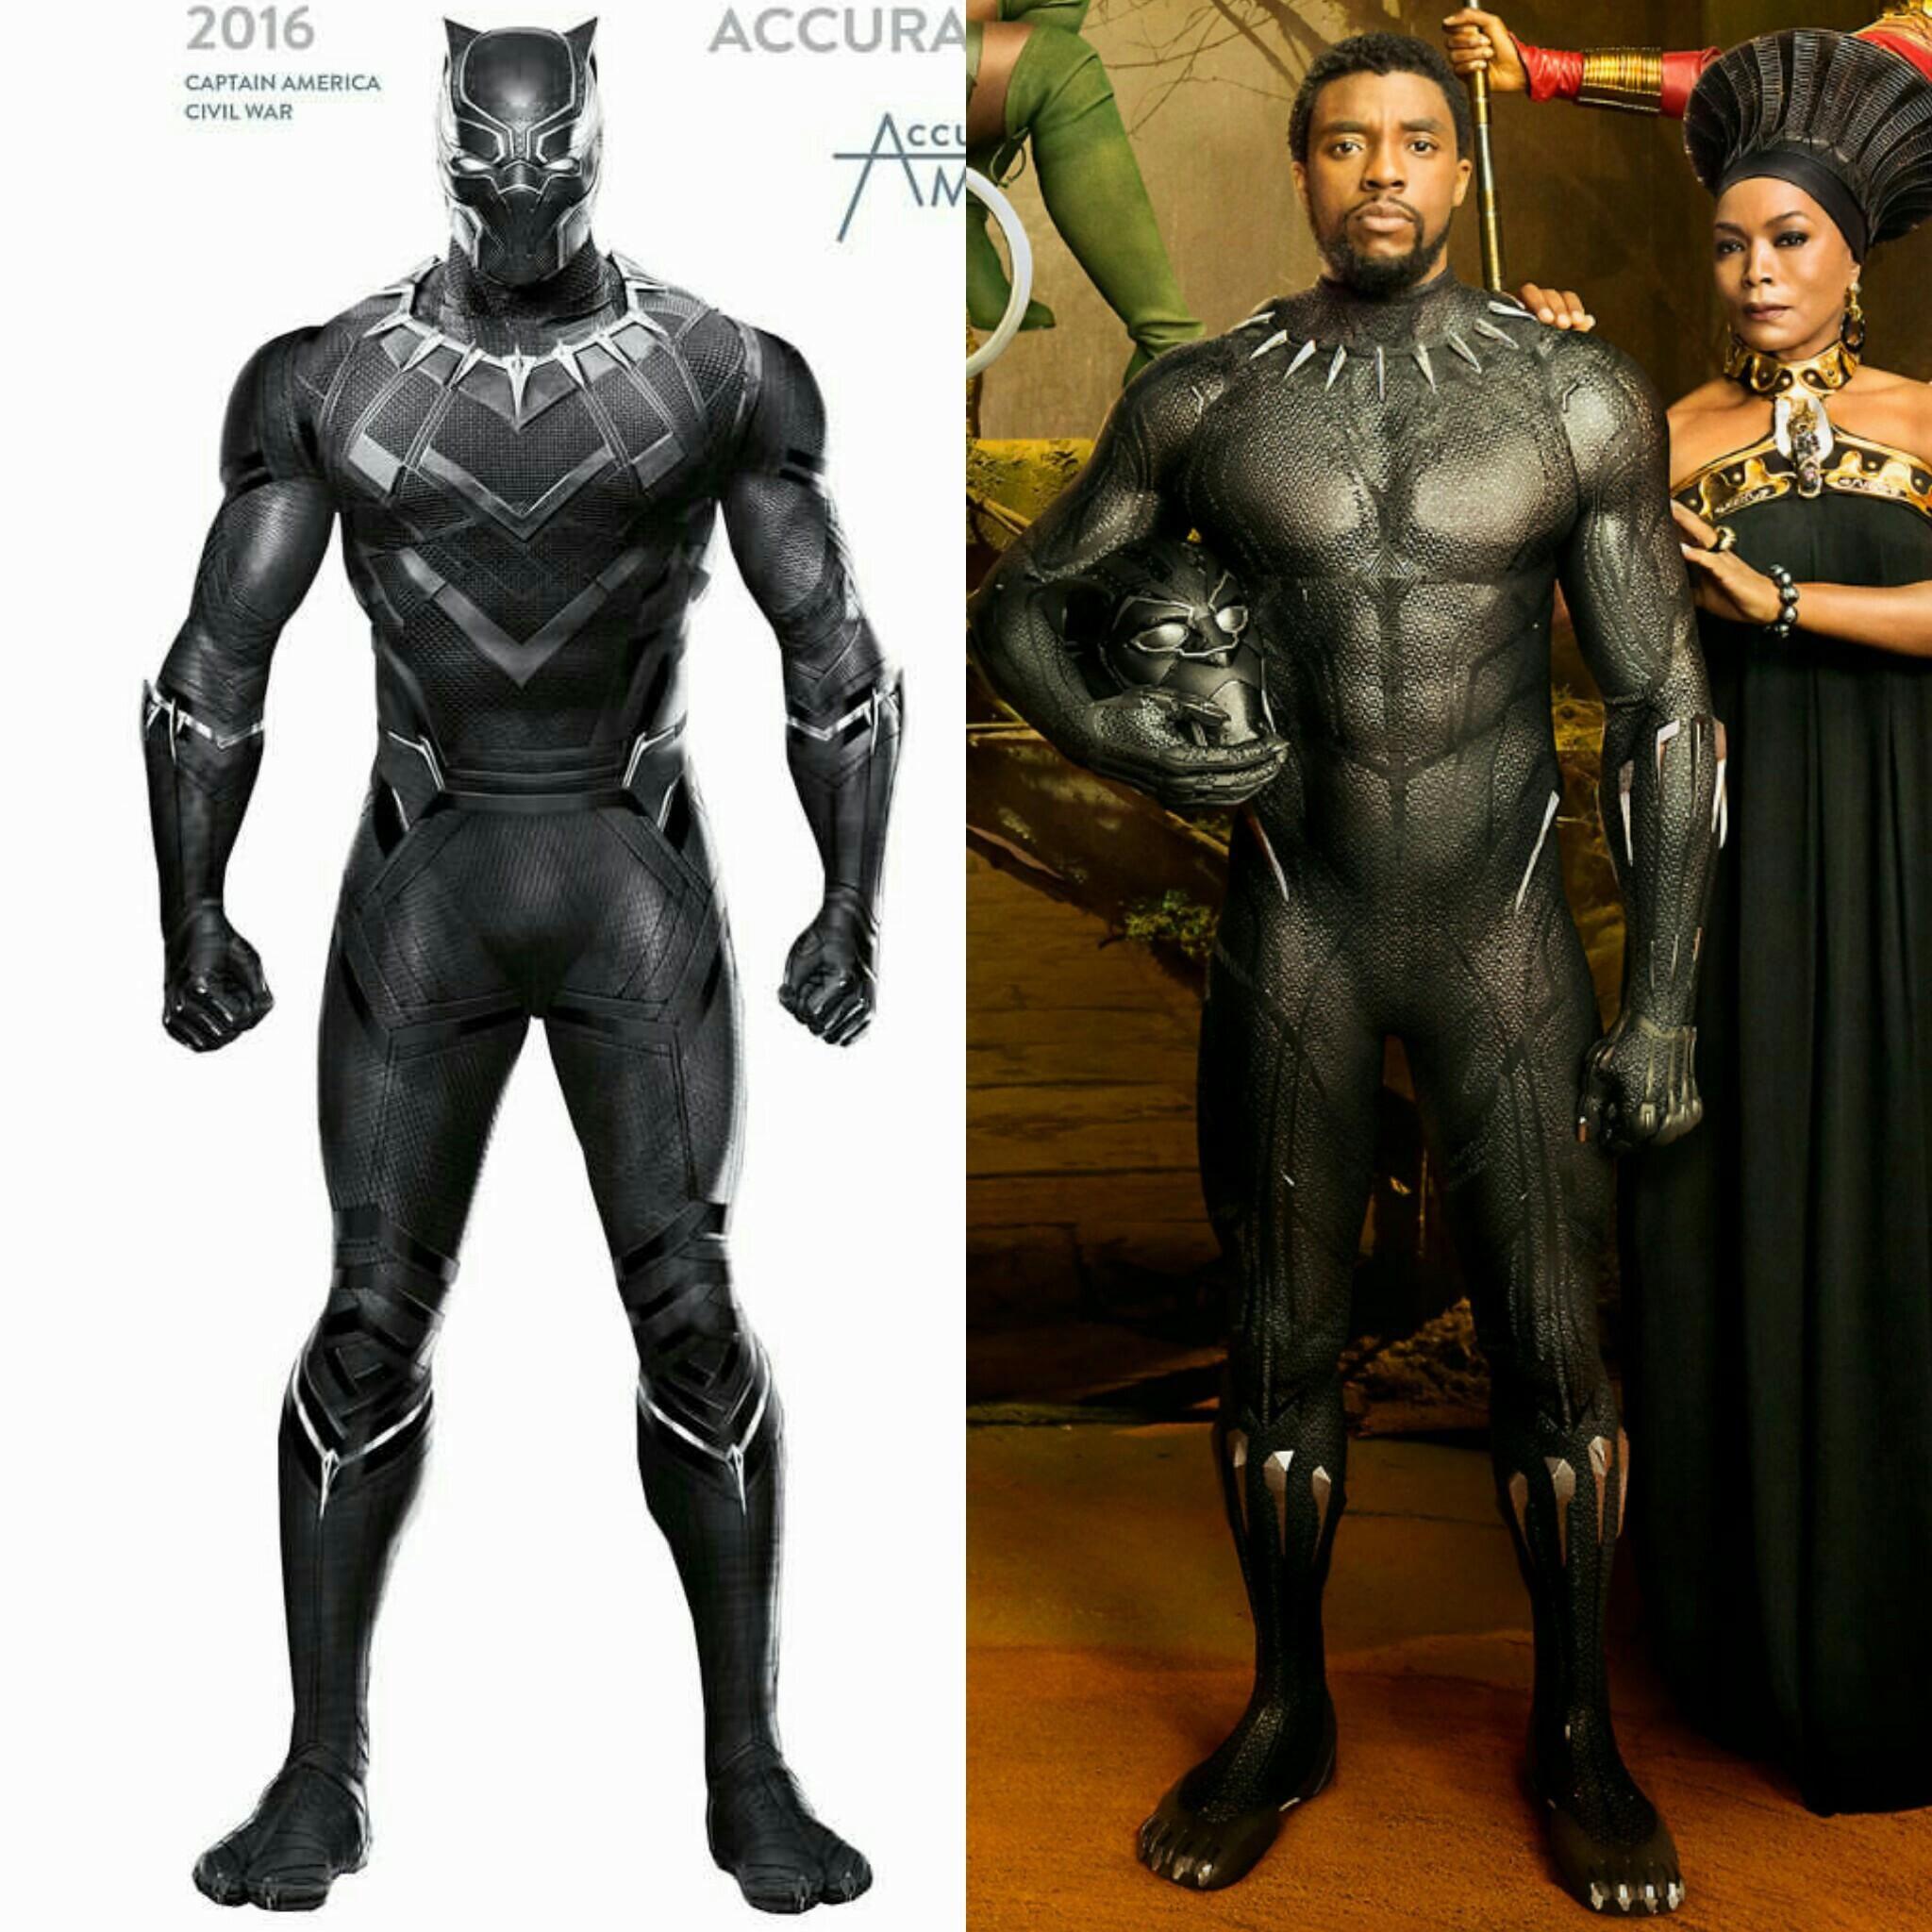 Civil War Suit And Black Panther 2018 Suit Black Panther 2018 Black Panther Panther